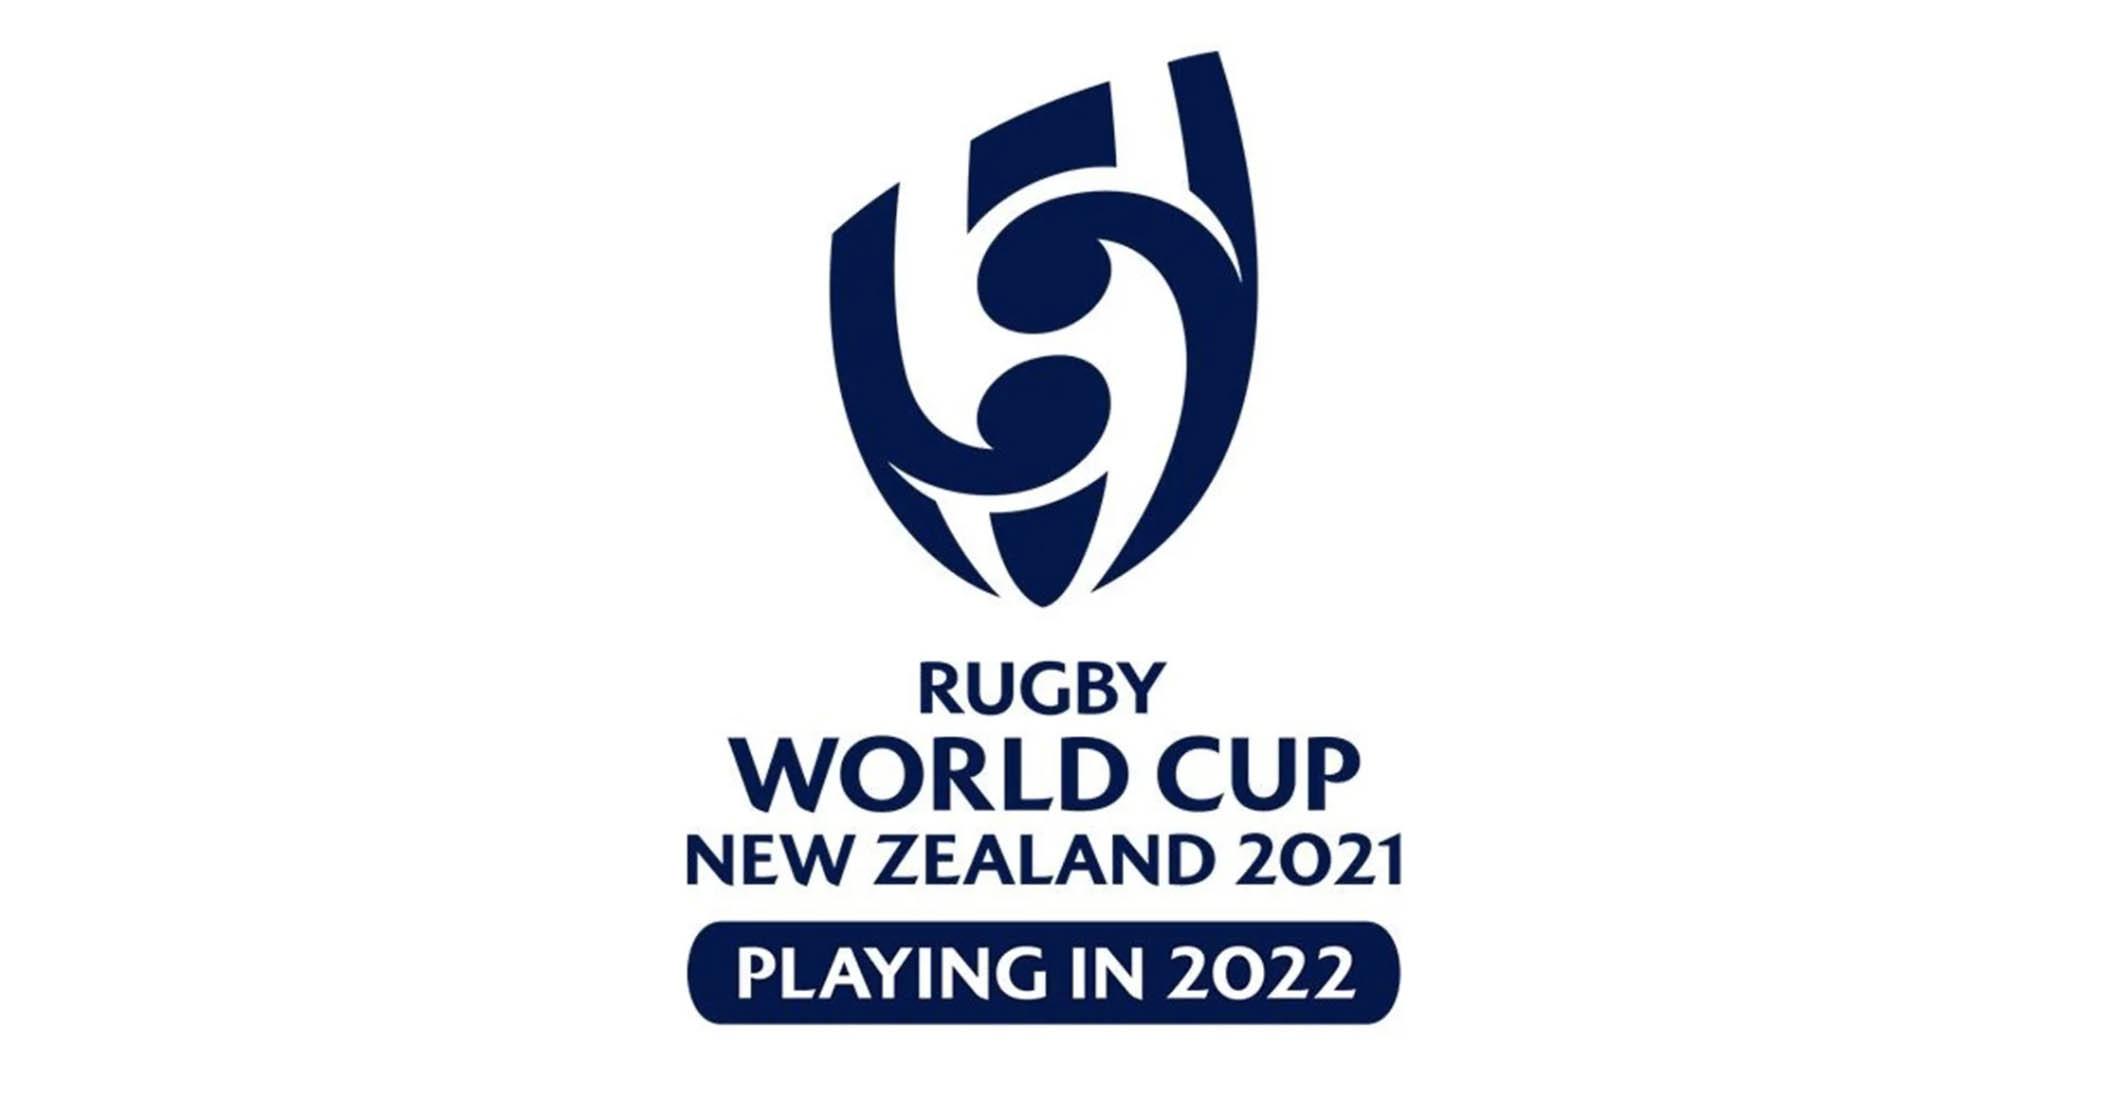 Calendrier Coupe Du Monde De Rugby 2022 Coupe du monde 2022 : Le calendrier dévoilé